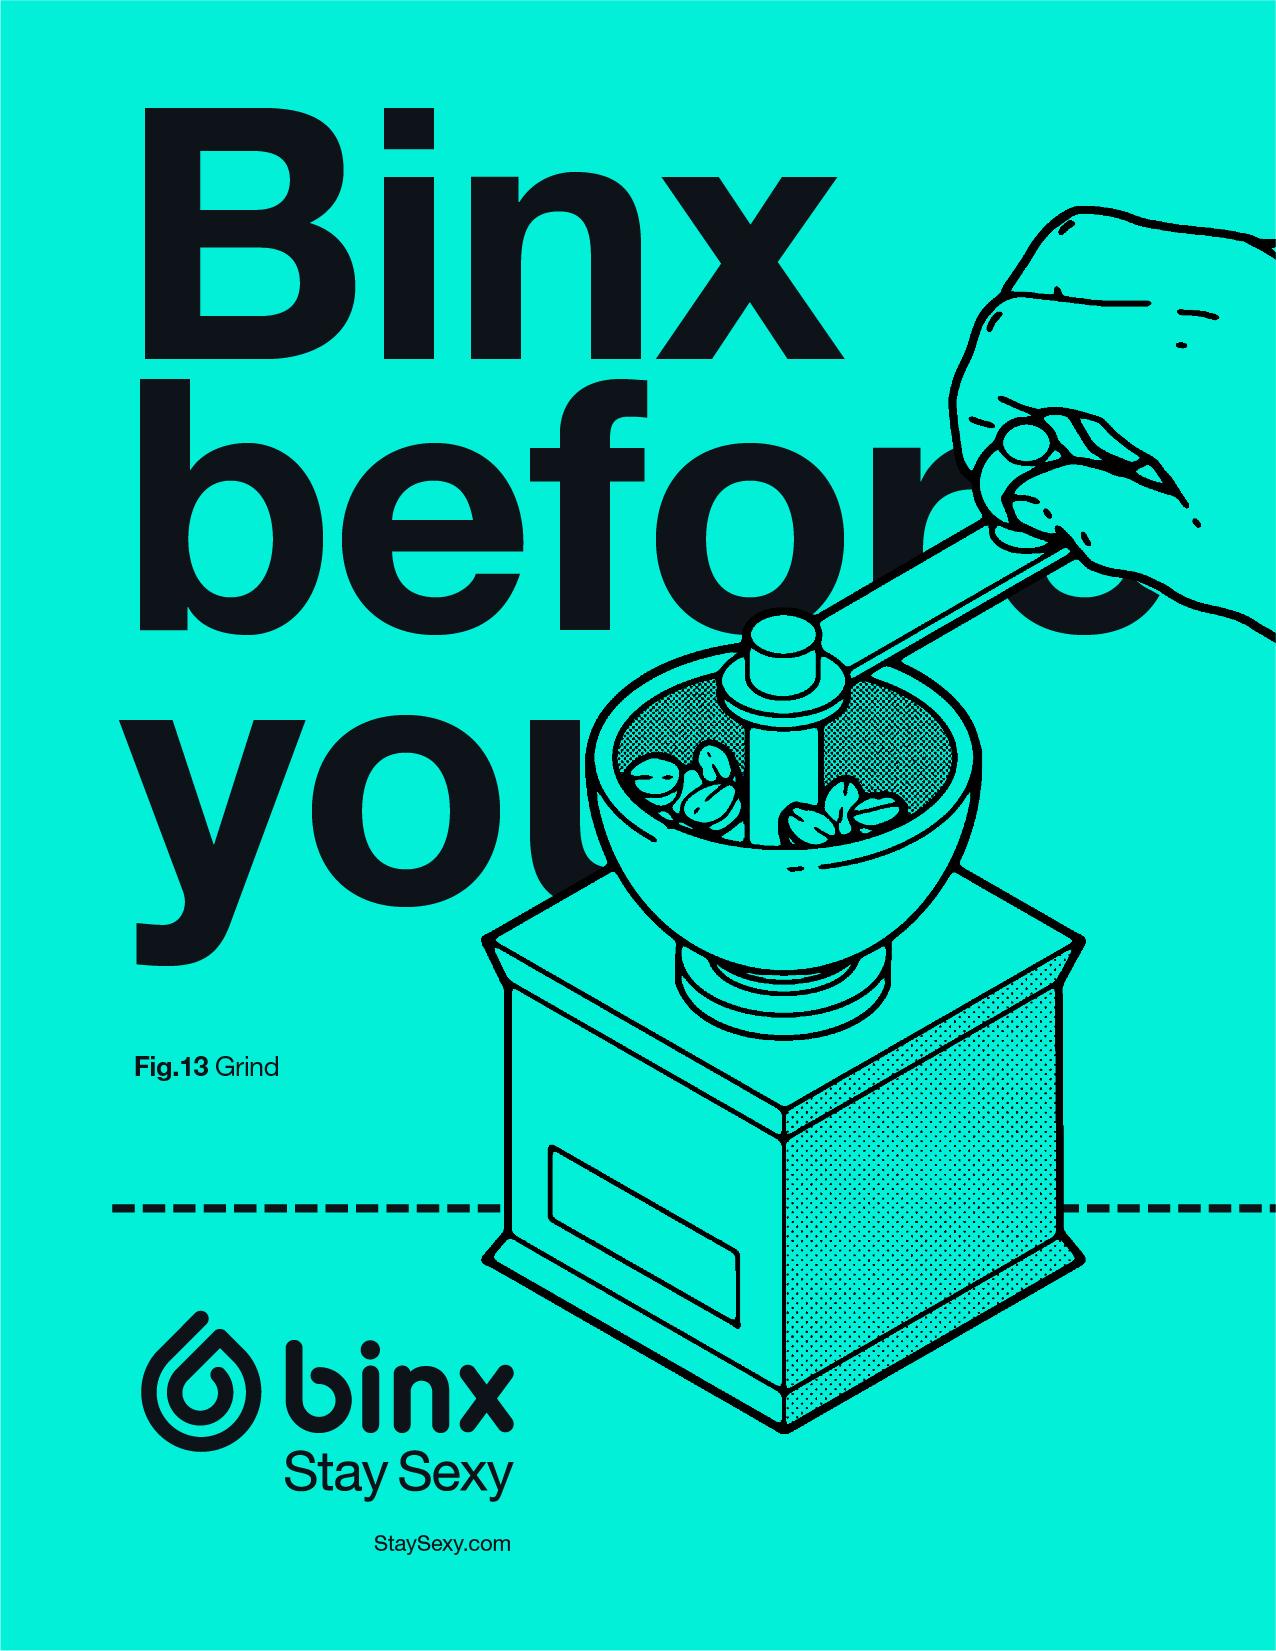 binx_flyers_1.jpg